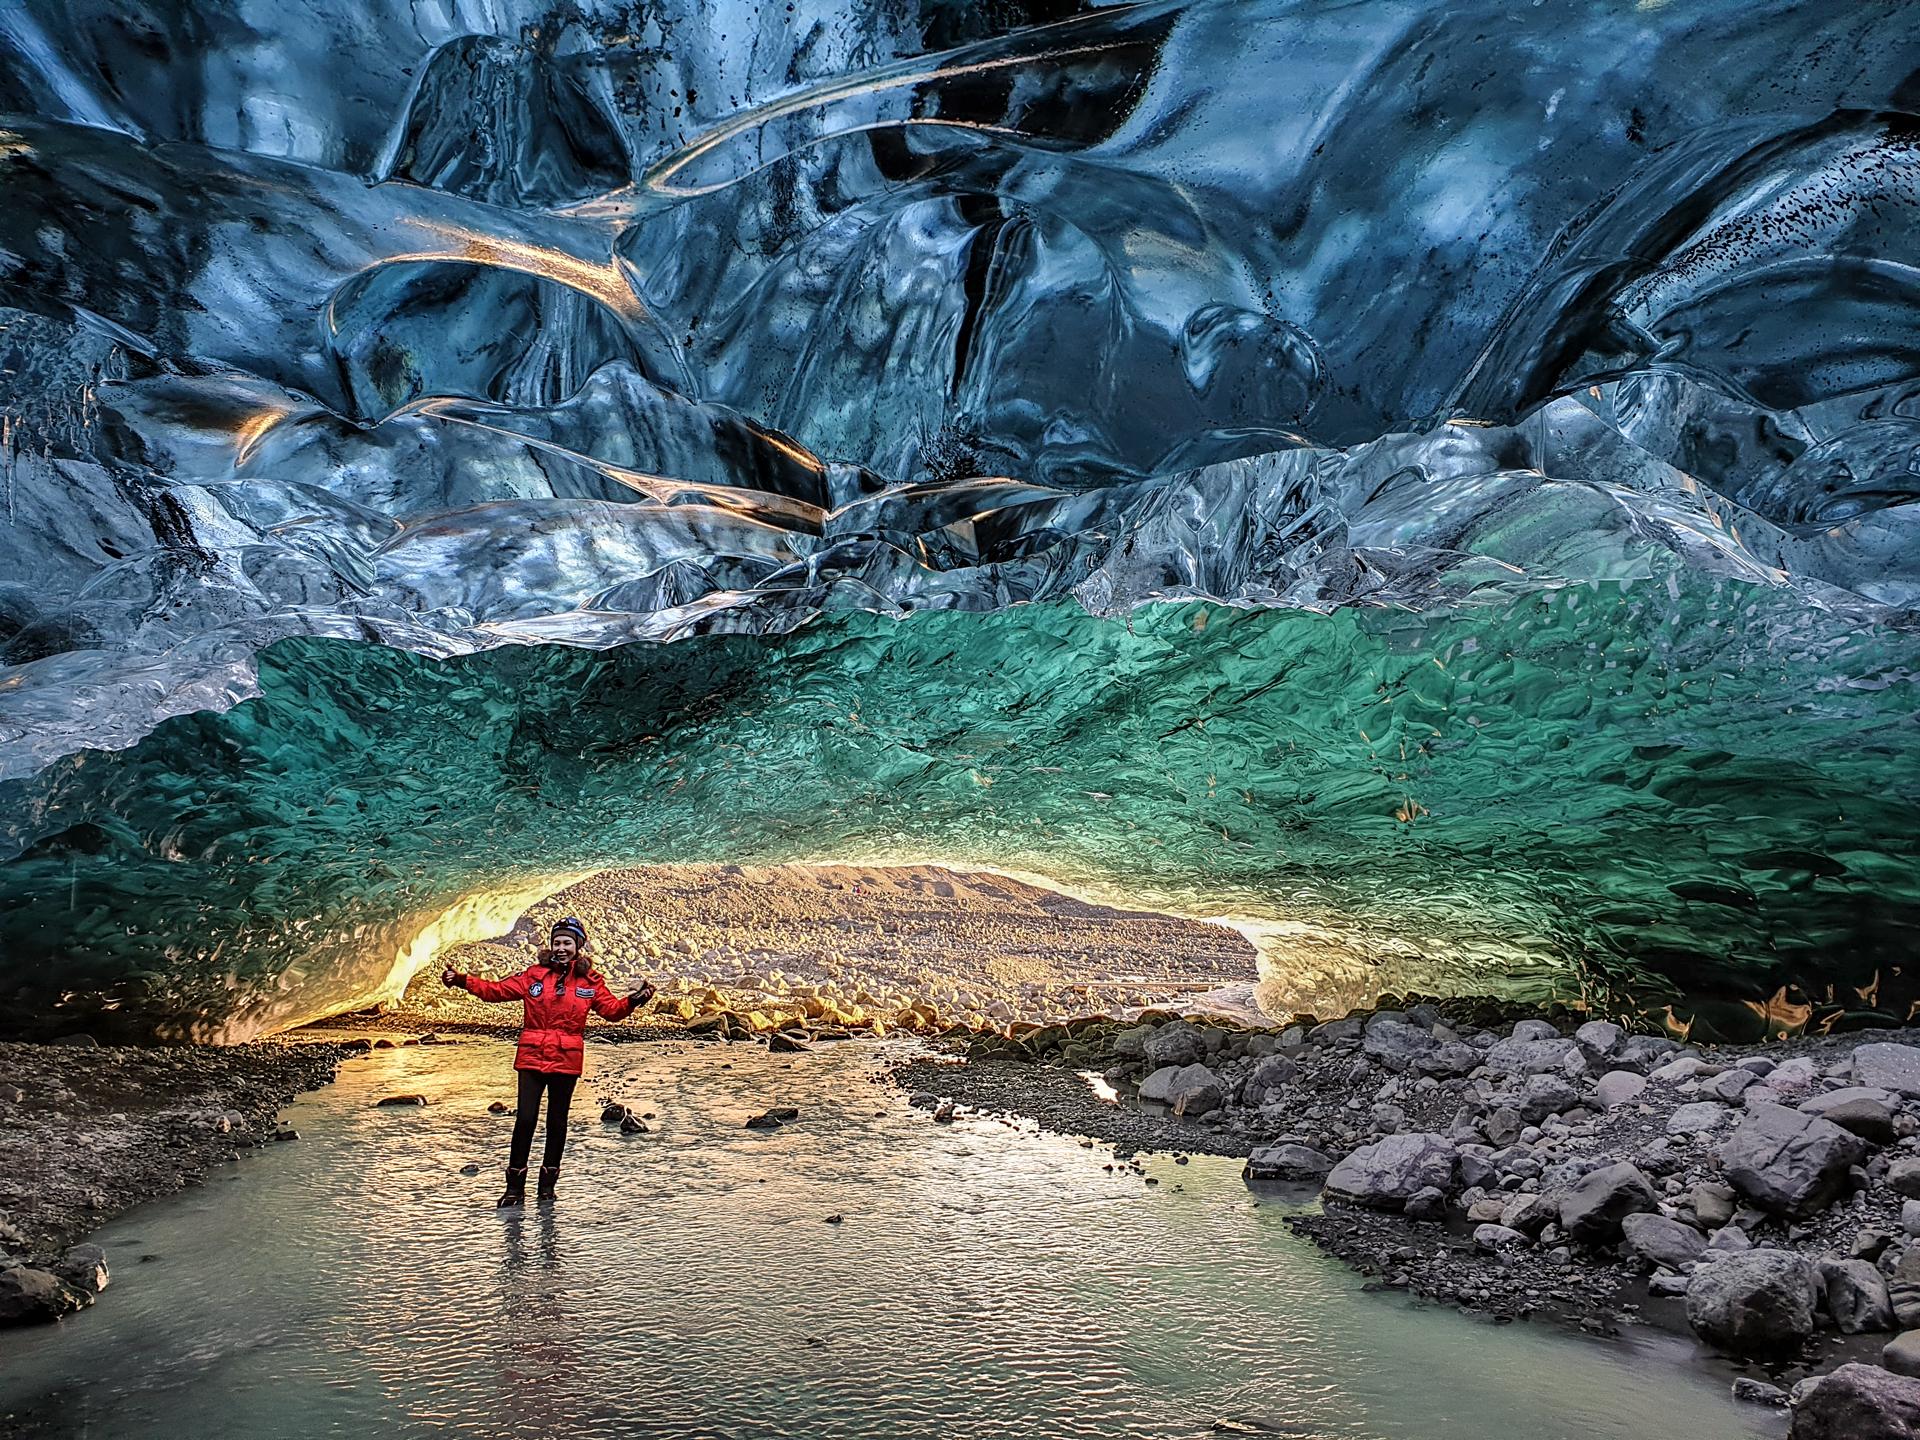 Esplorazione delle grotte di ghiaccio   Il più grande ghiacciaio d'Europa